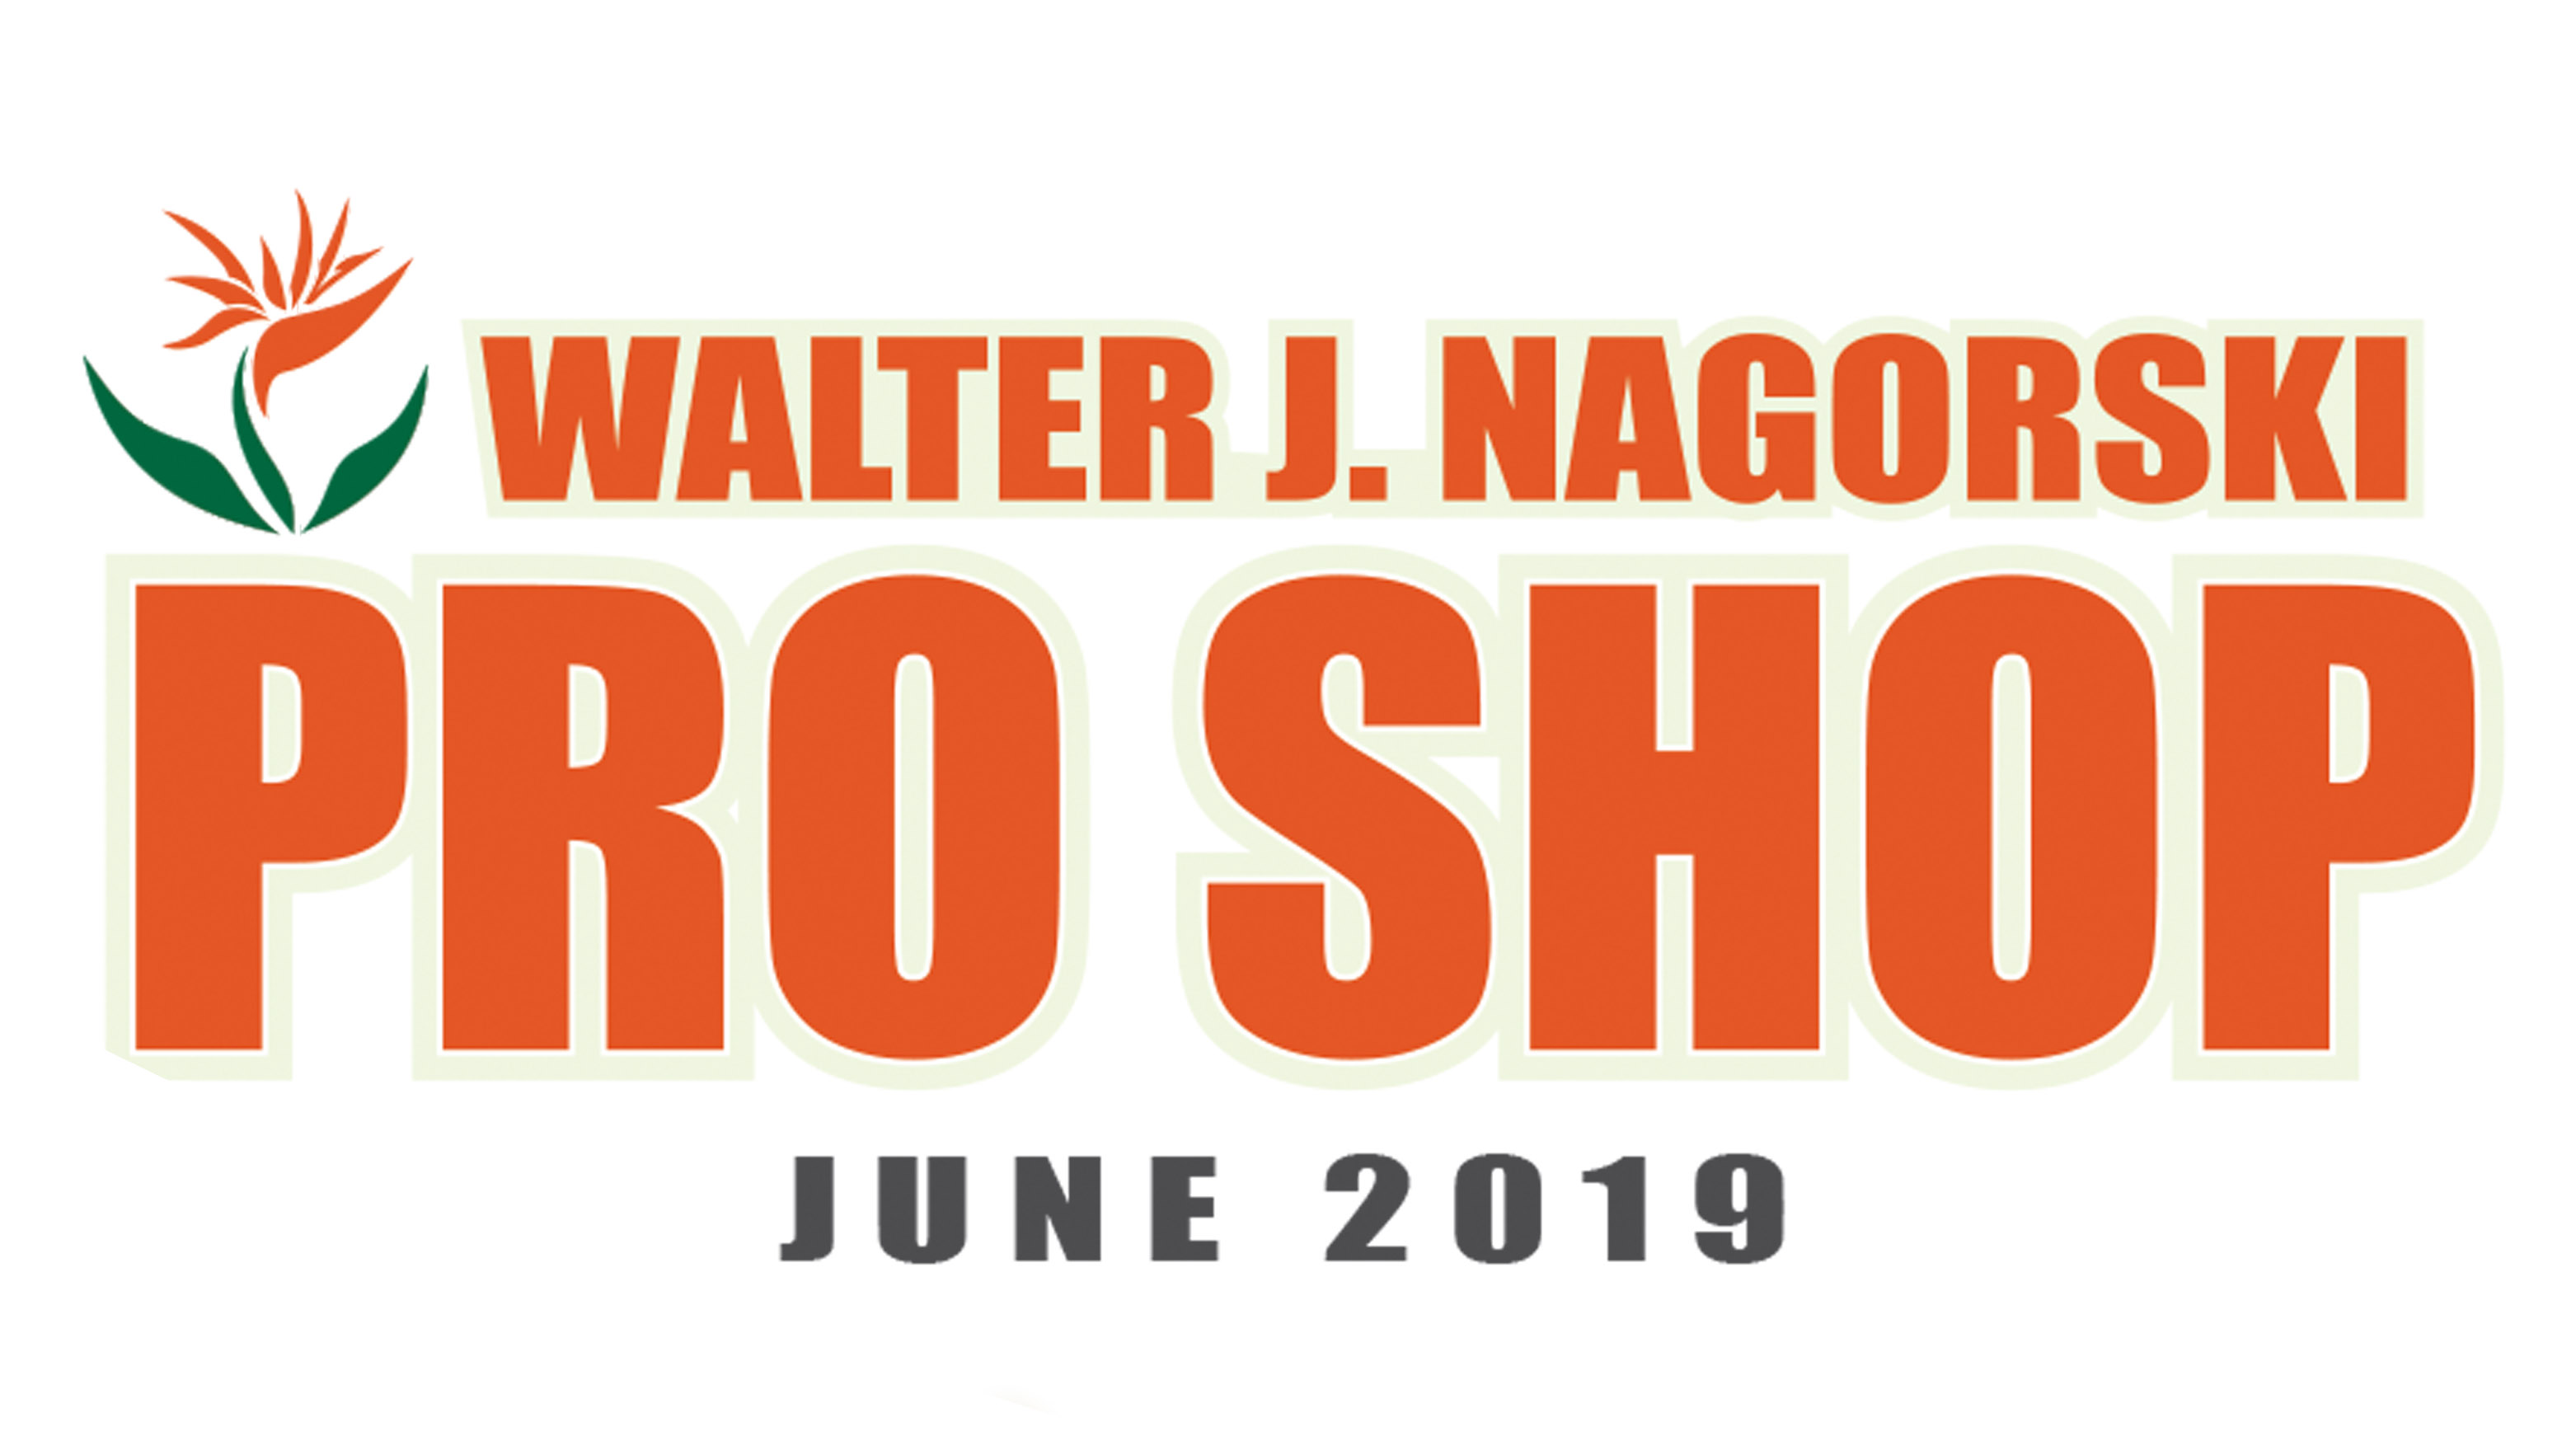 Walter J. Nagorski Pro Shop SPECIALS